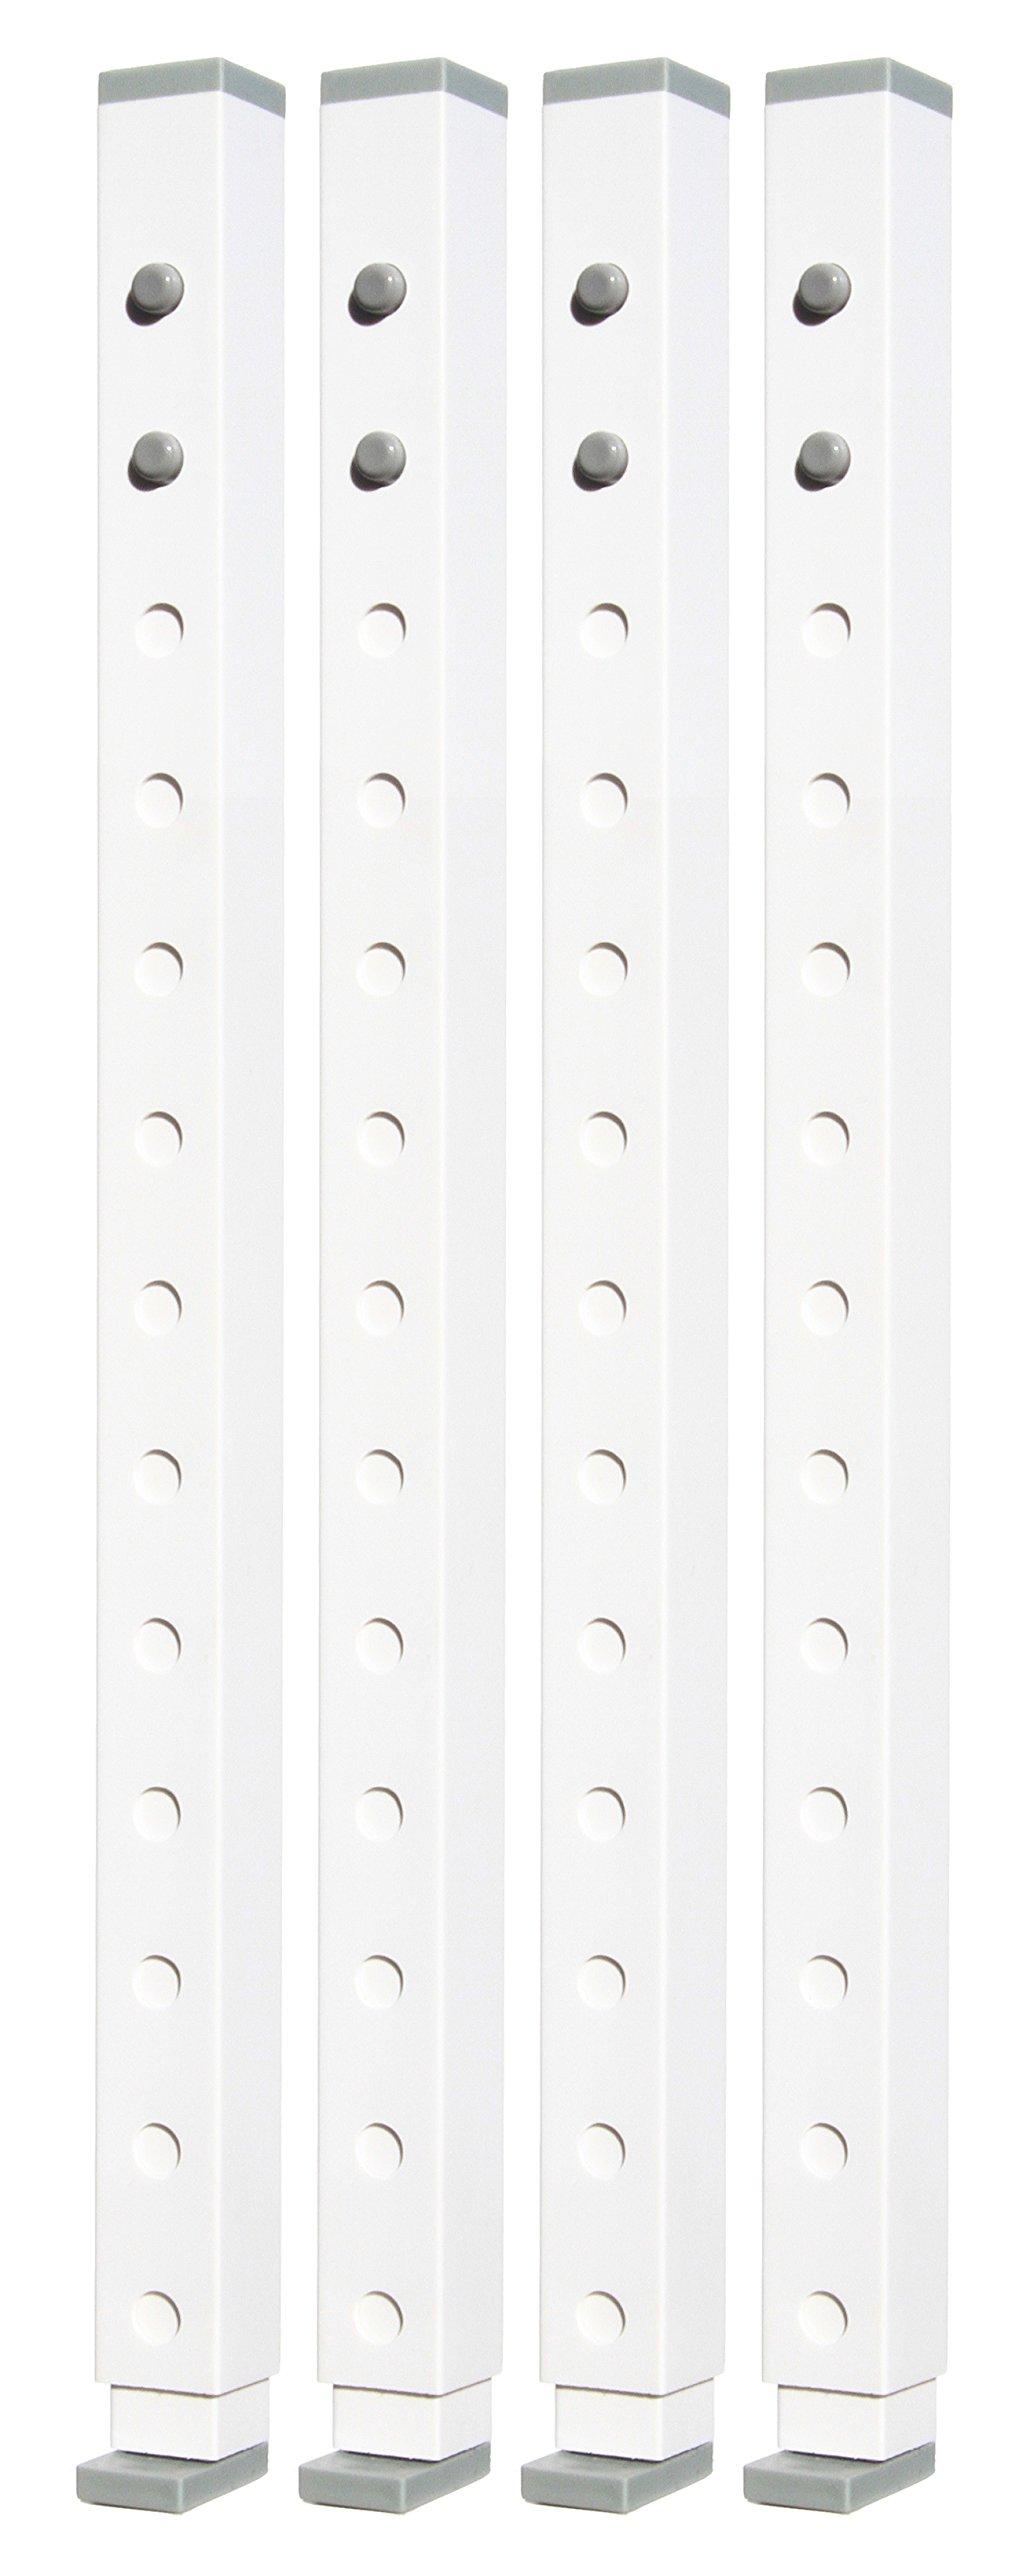 Lock-it Block-it - Home Security Window Bars - 4 Devices by Lock-it Block-it